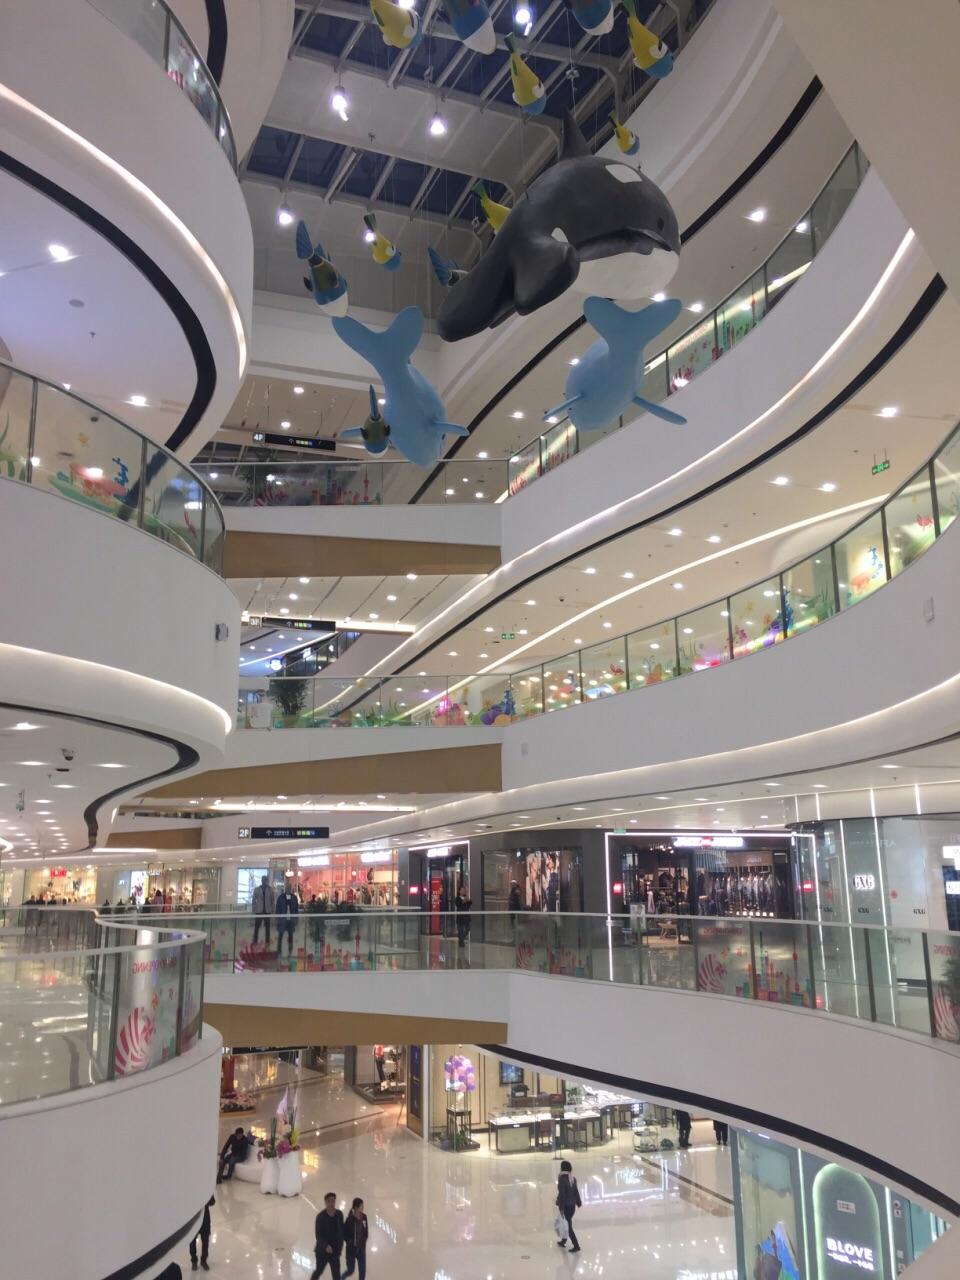 上海有几家万达_上海万达广场 颛桥店购物攻略,万达广场 颛桥店物中心/地址/电话 ...